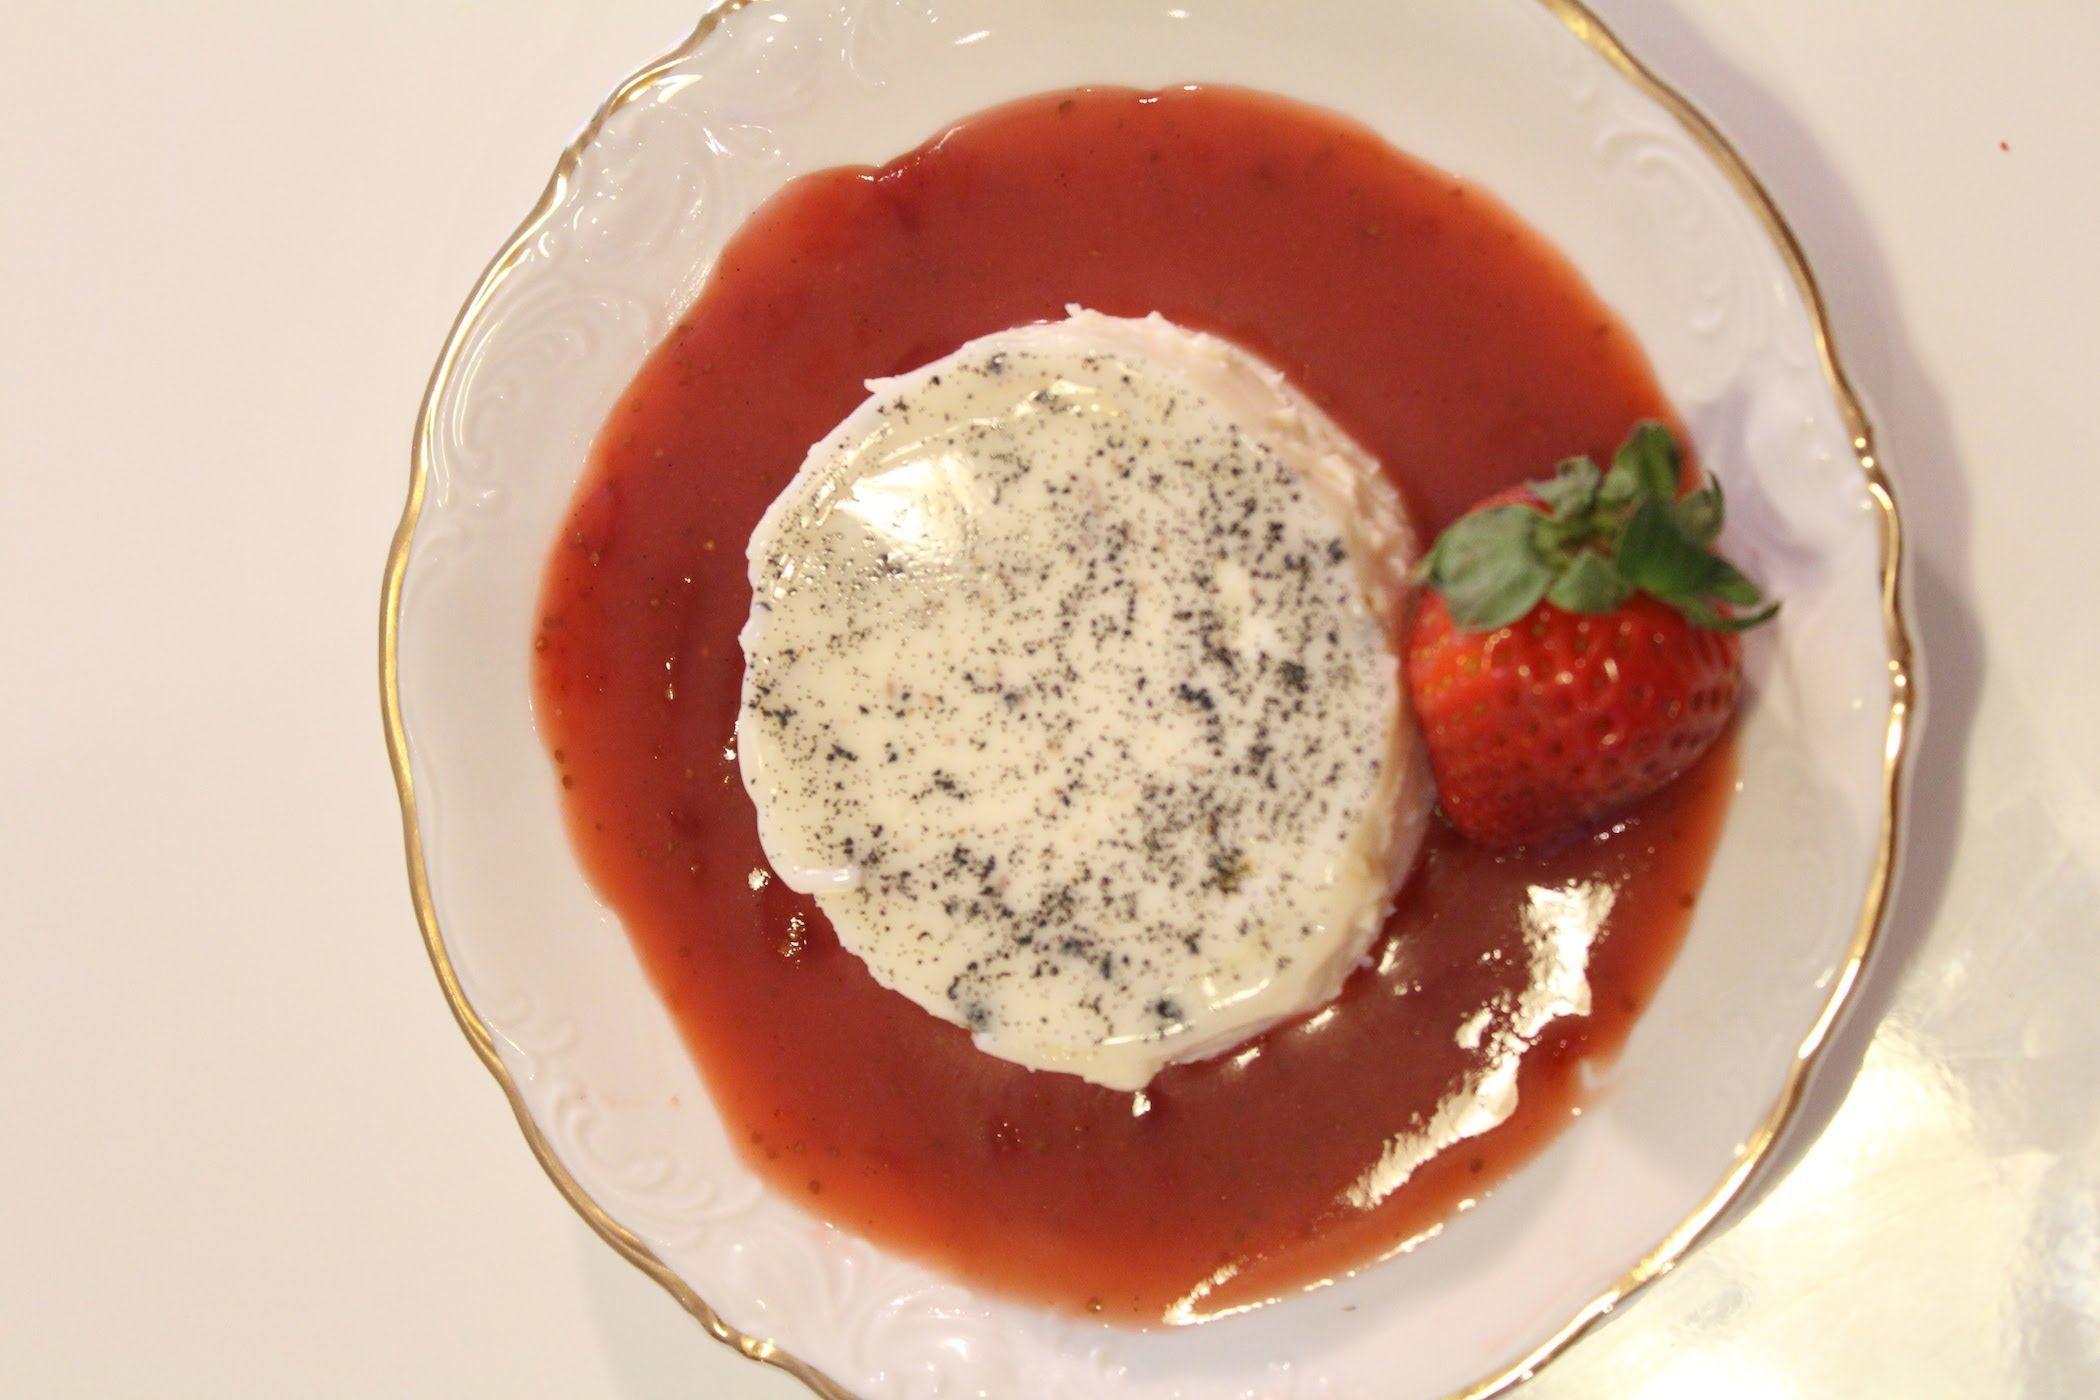 link para a receita: http://www.vaicomeroque.net/pannacotta se gostou do vídeo dê um joinha e se inscreva no canal :) obrigada!